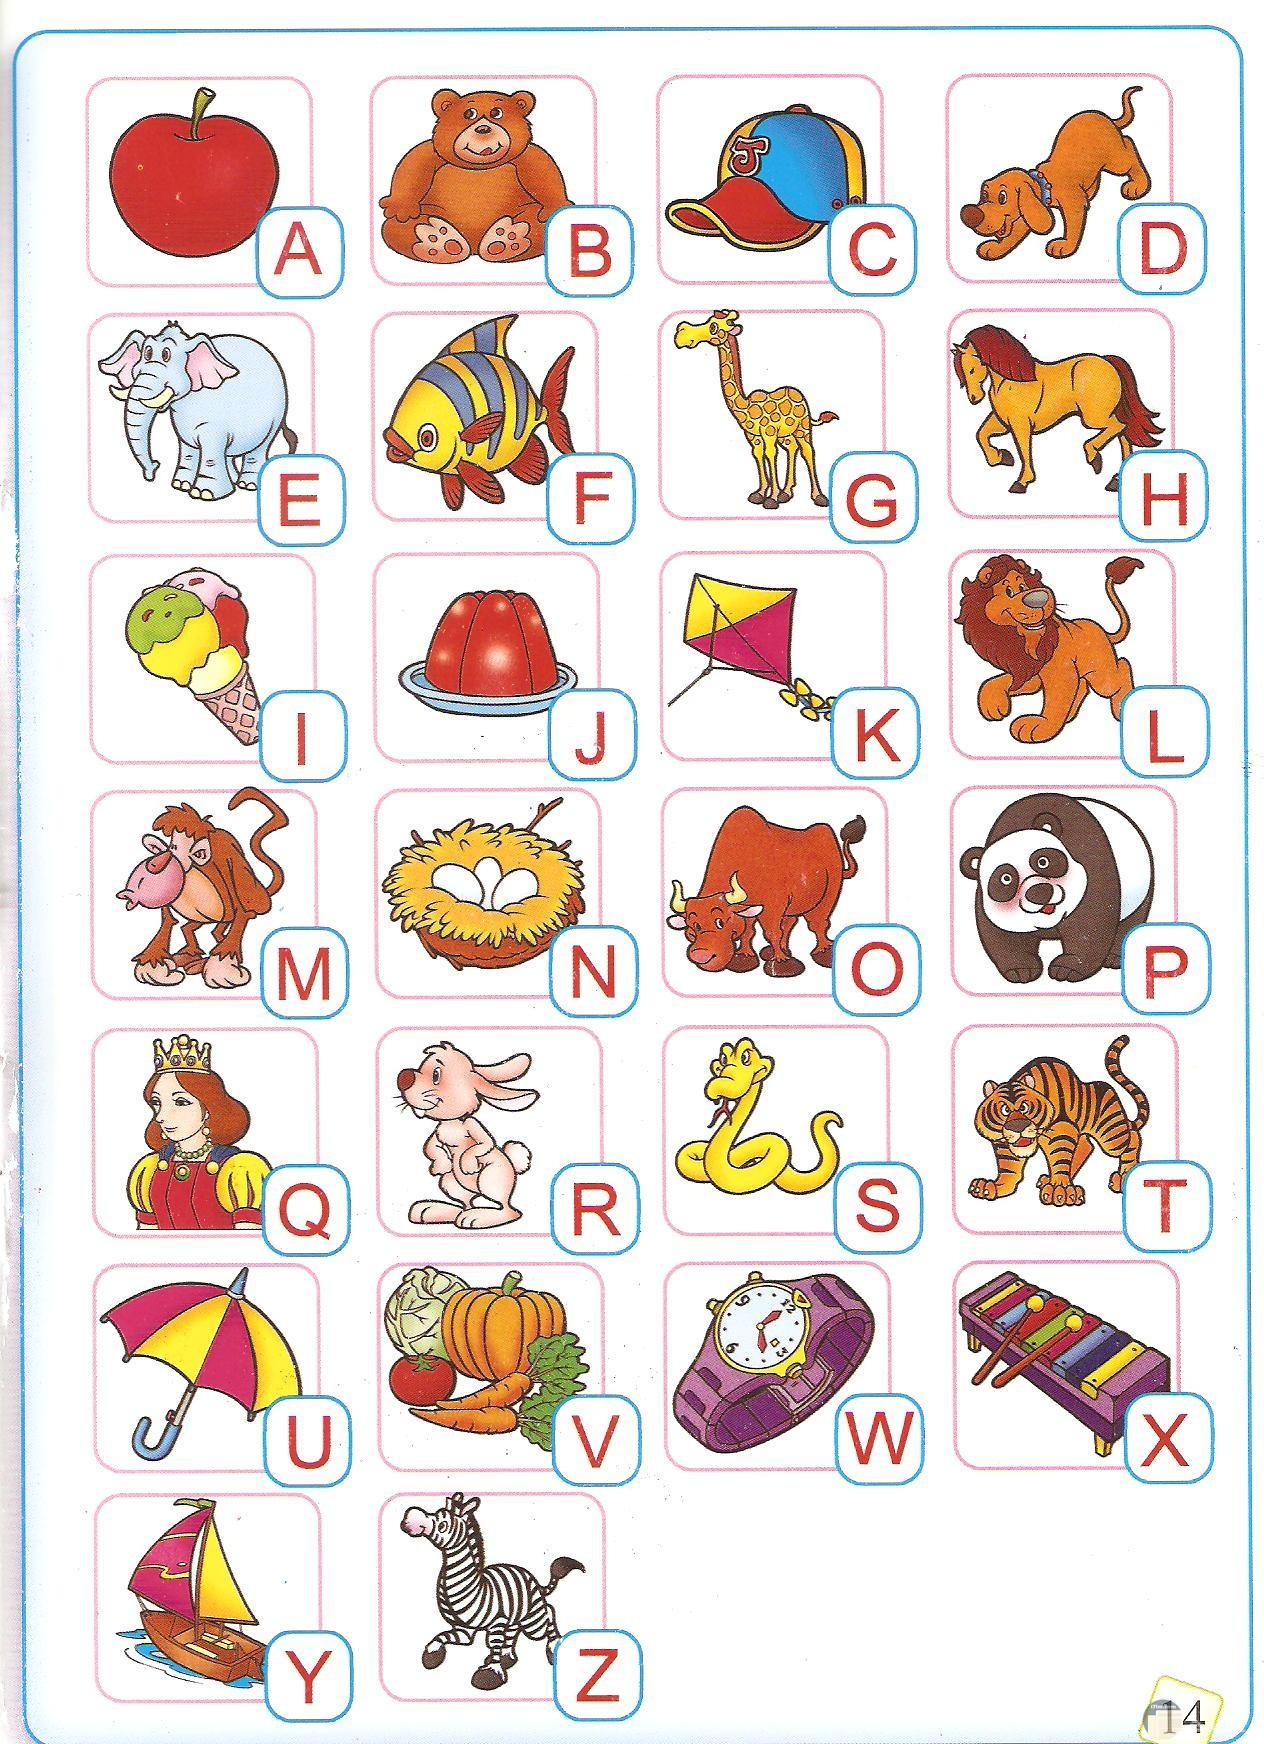 الحروف الإنجليزية للأطفال